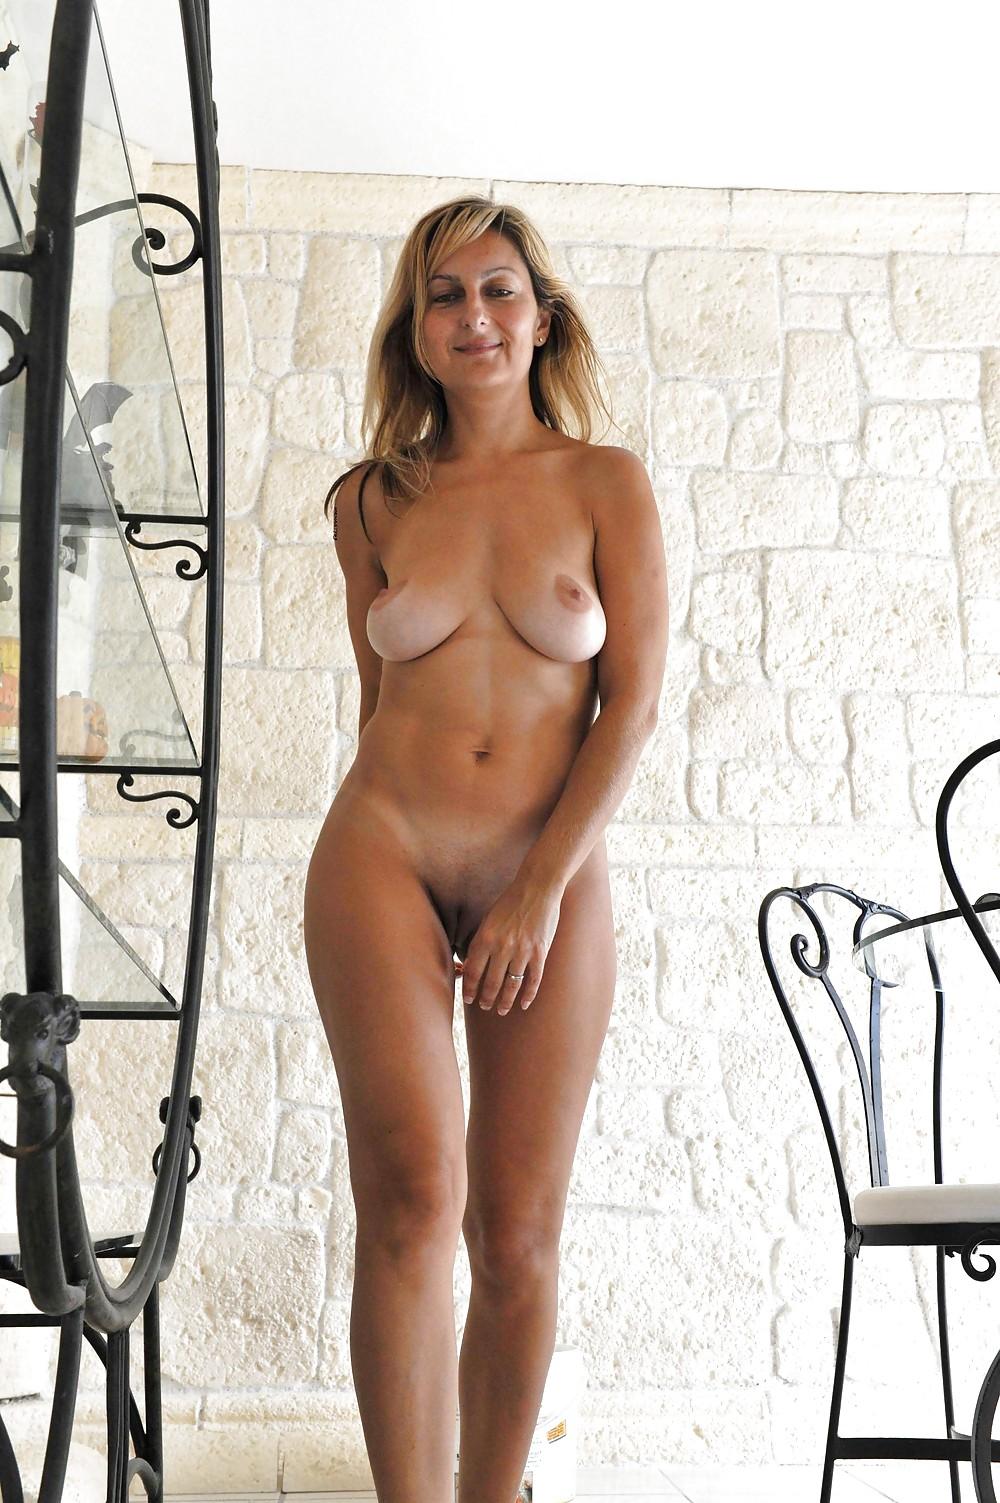 Amateur soccer mom modeling nude